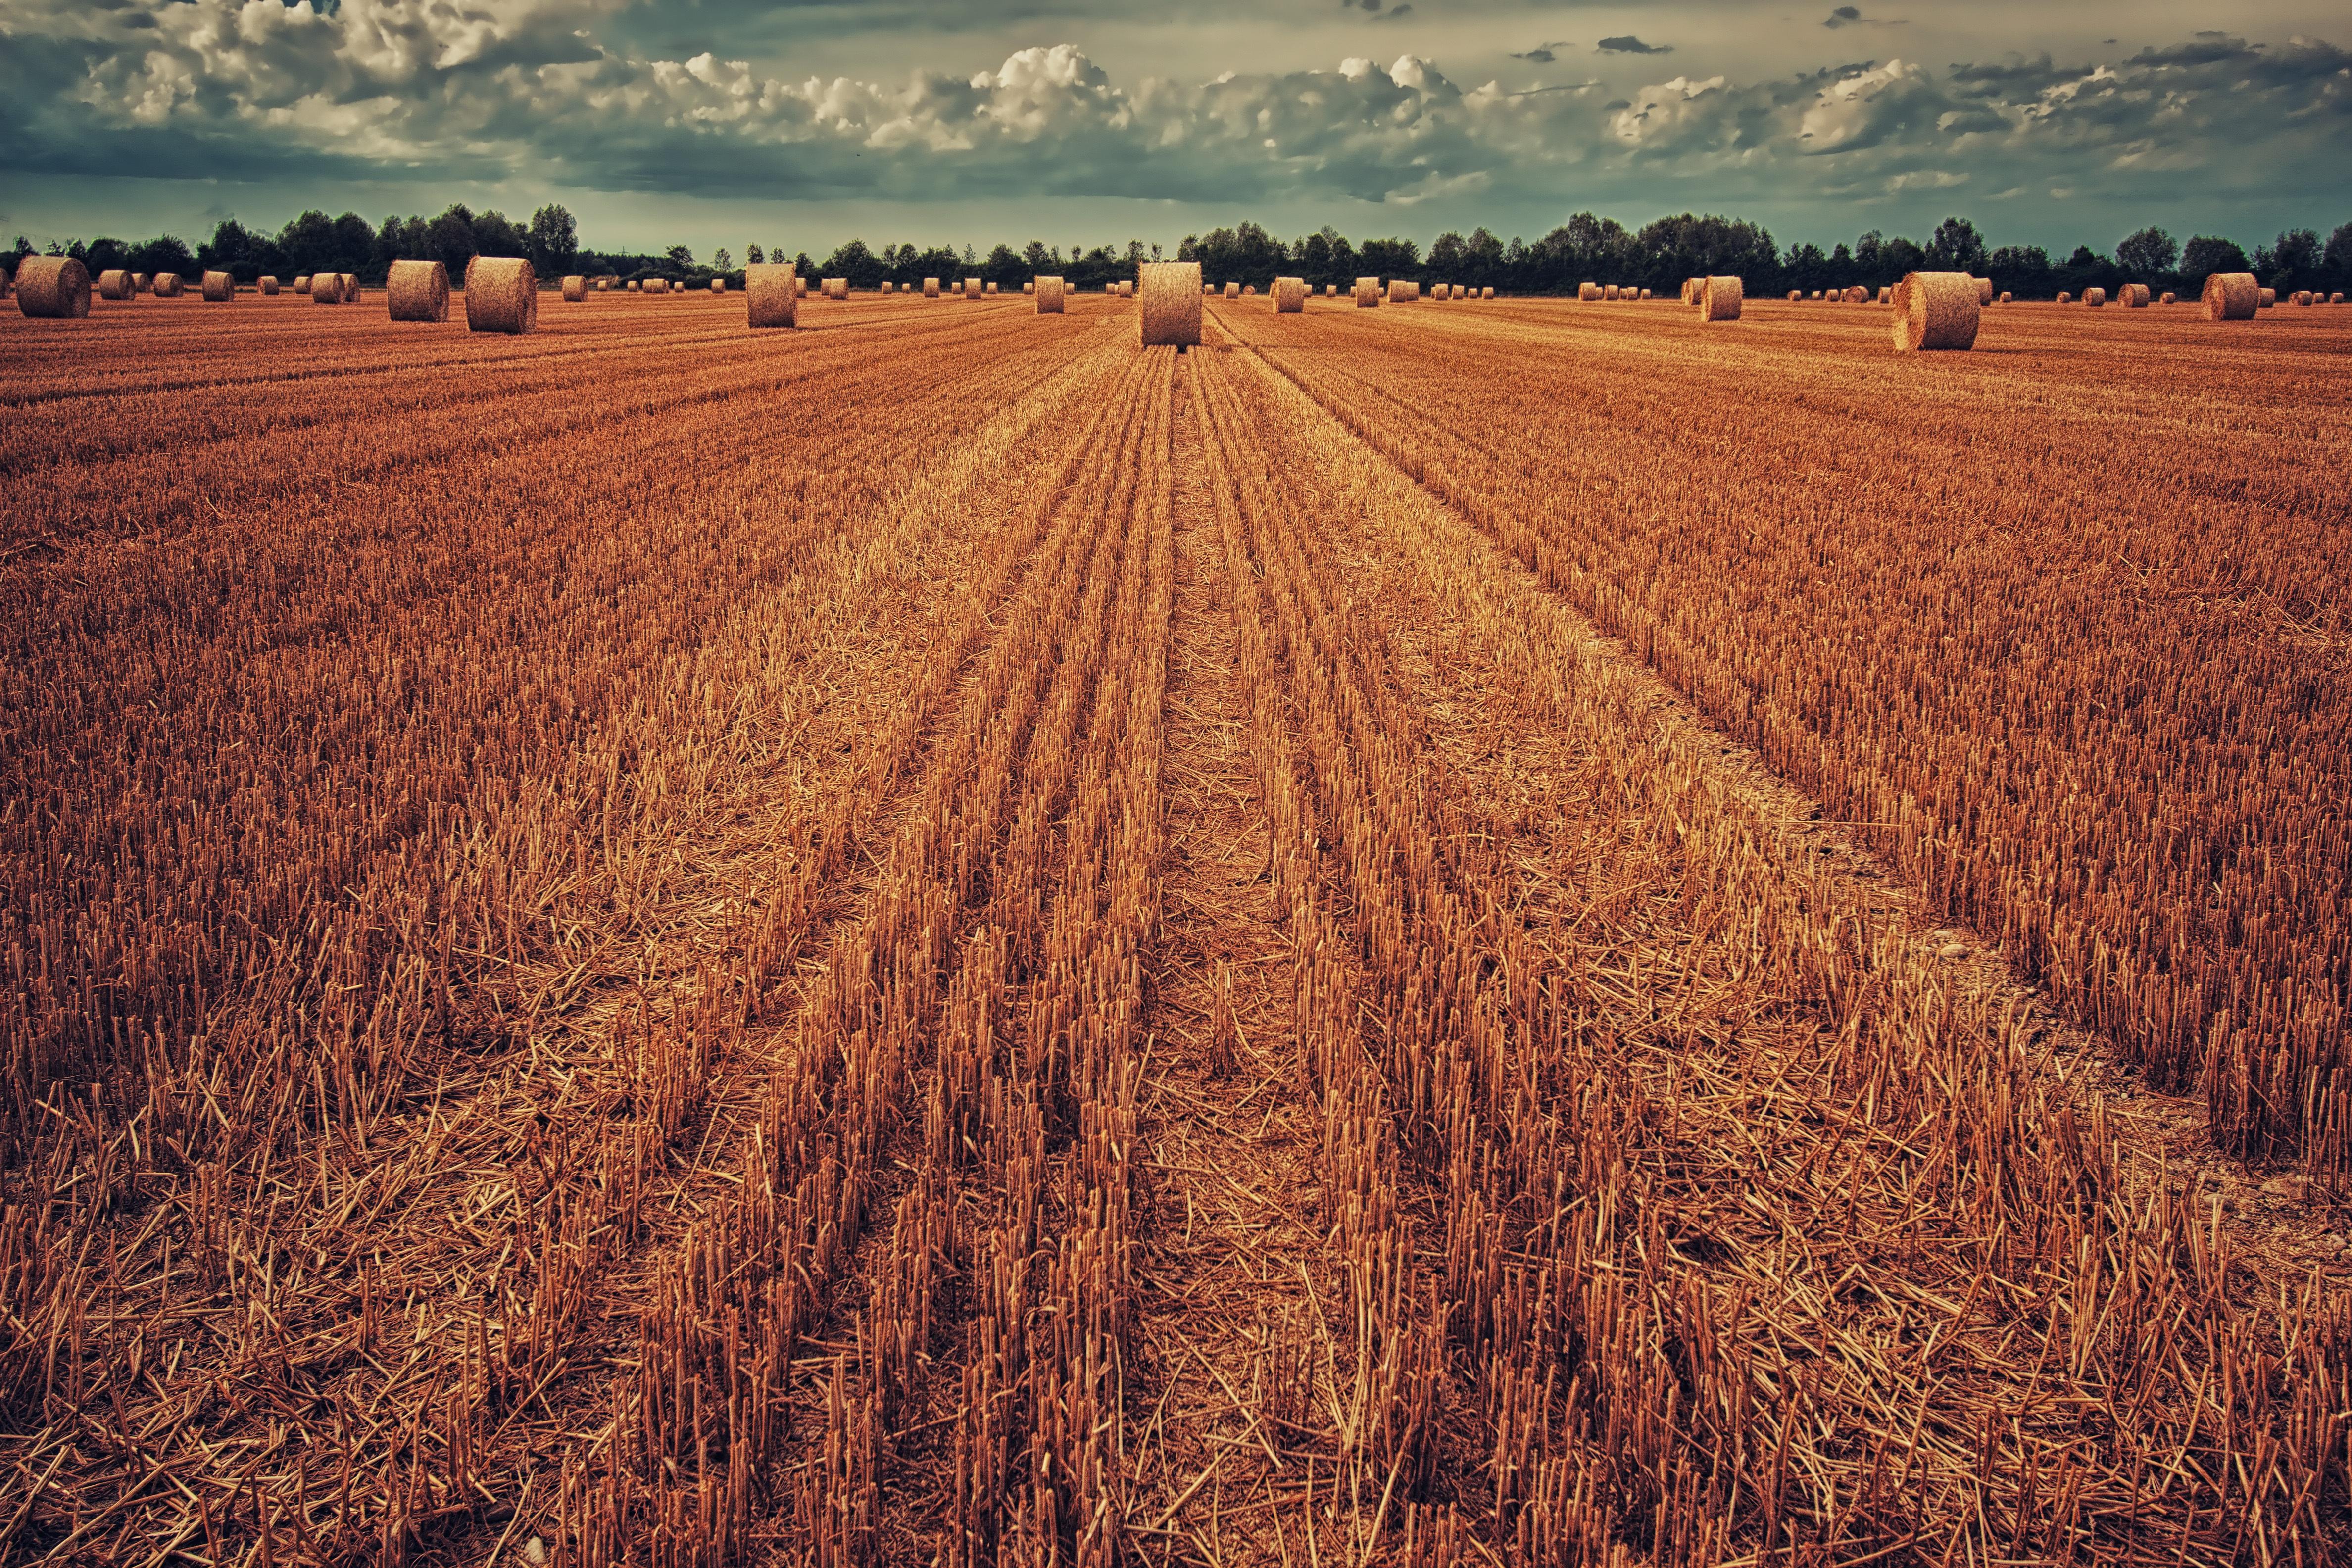 123593 скачать обои Природа, Поле, Урожай, Сено, Трава, Пшеница - заставки и картинки бесплатно